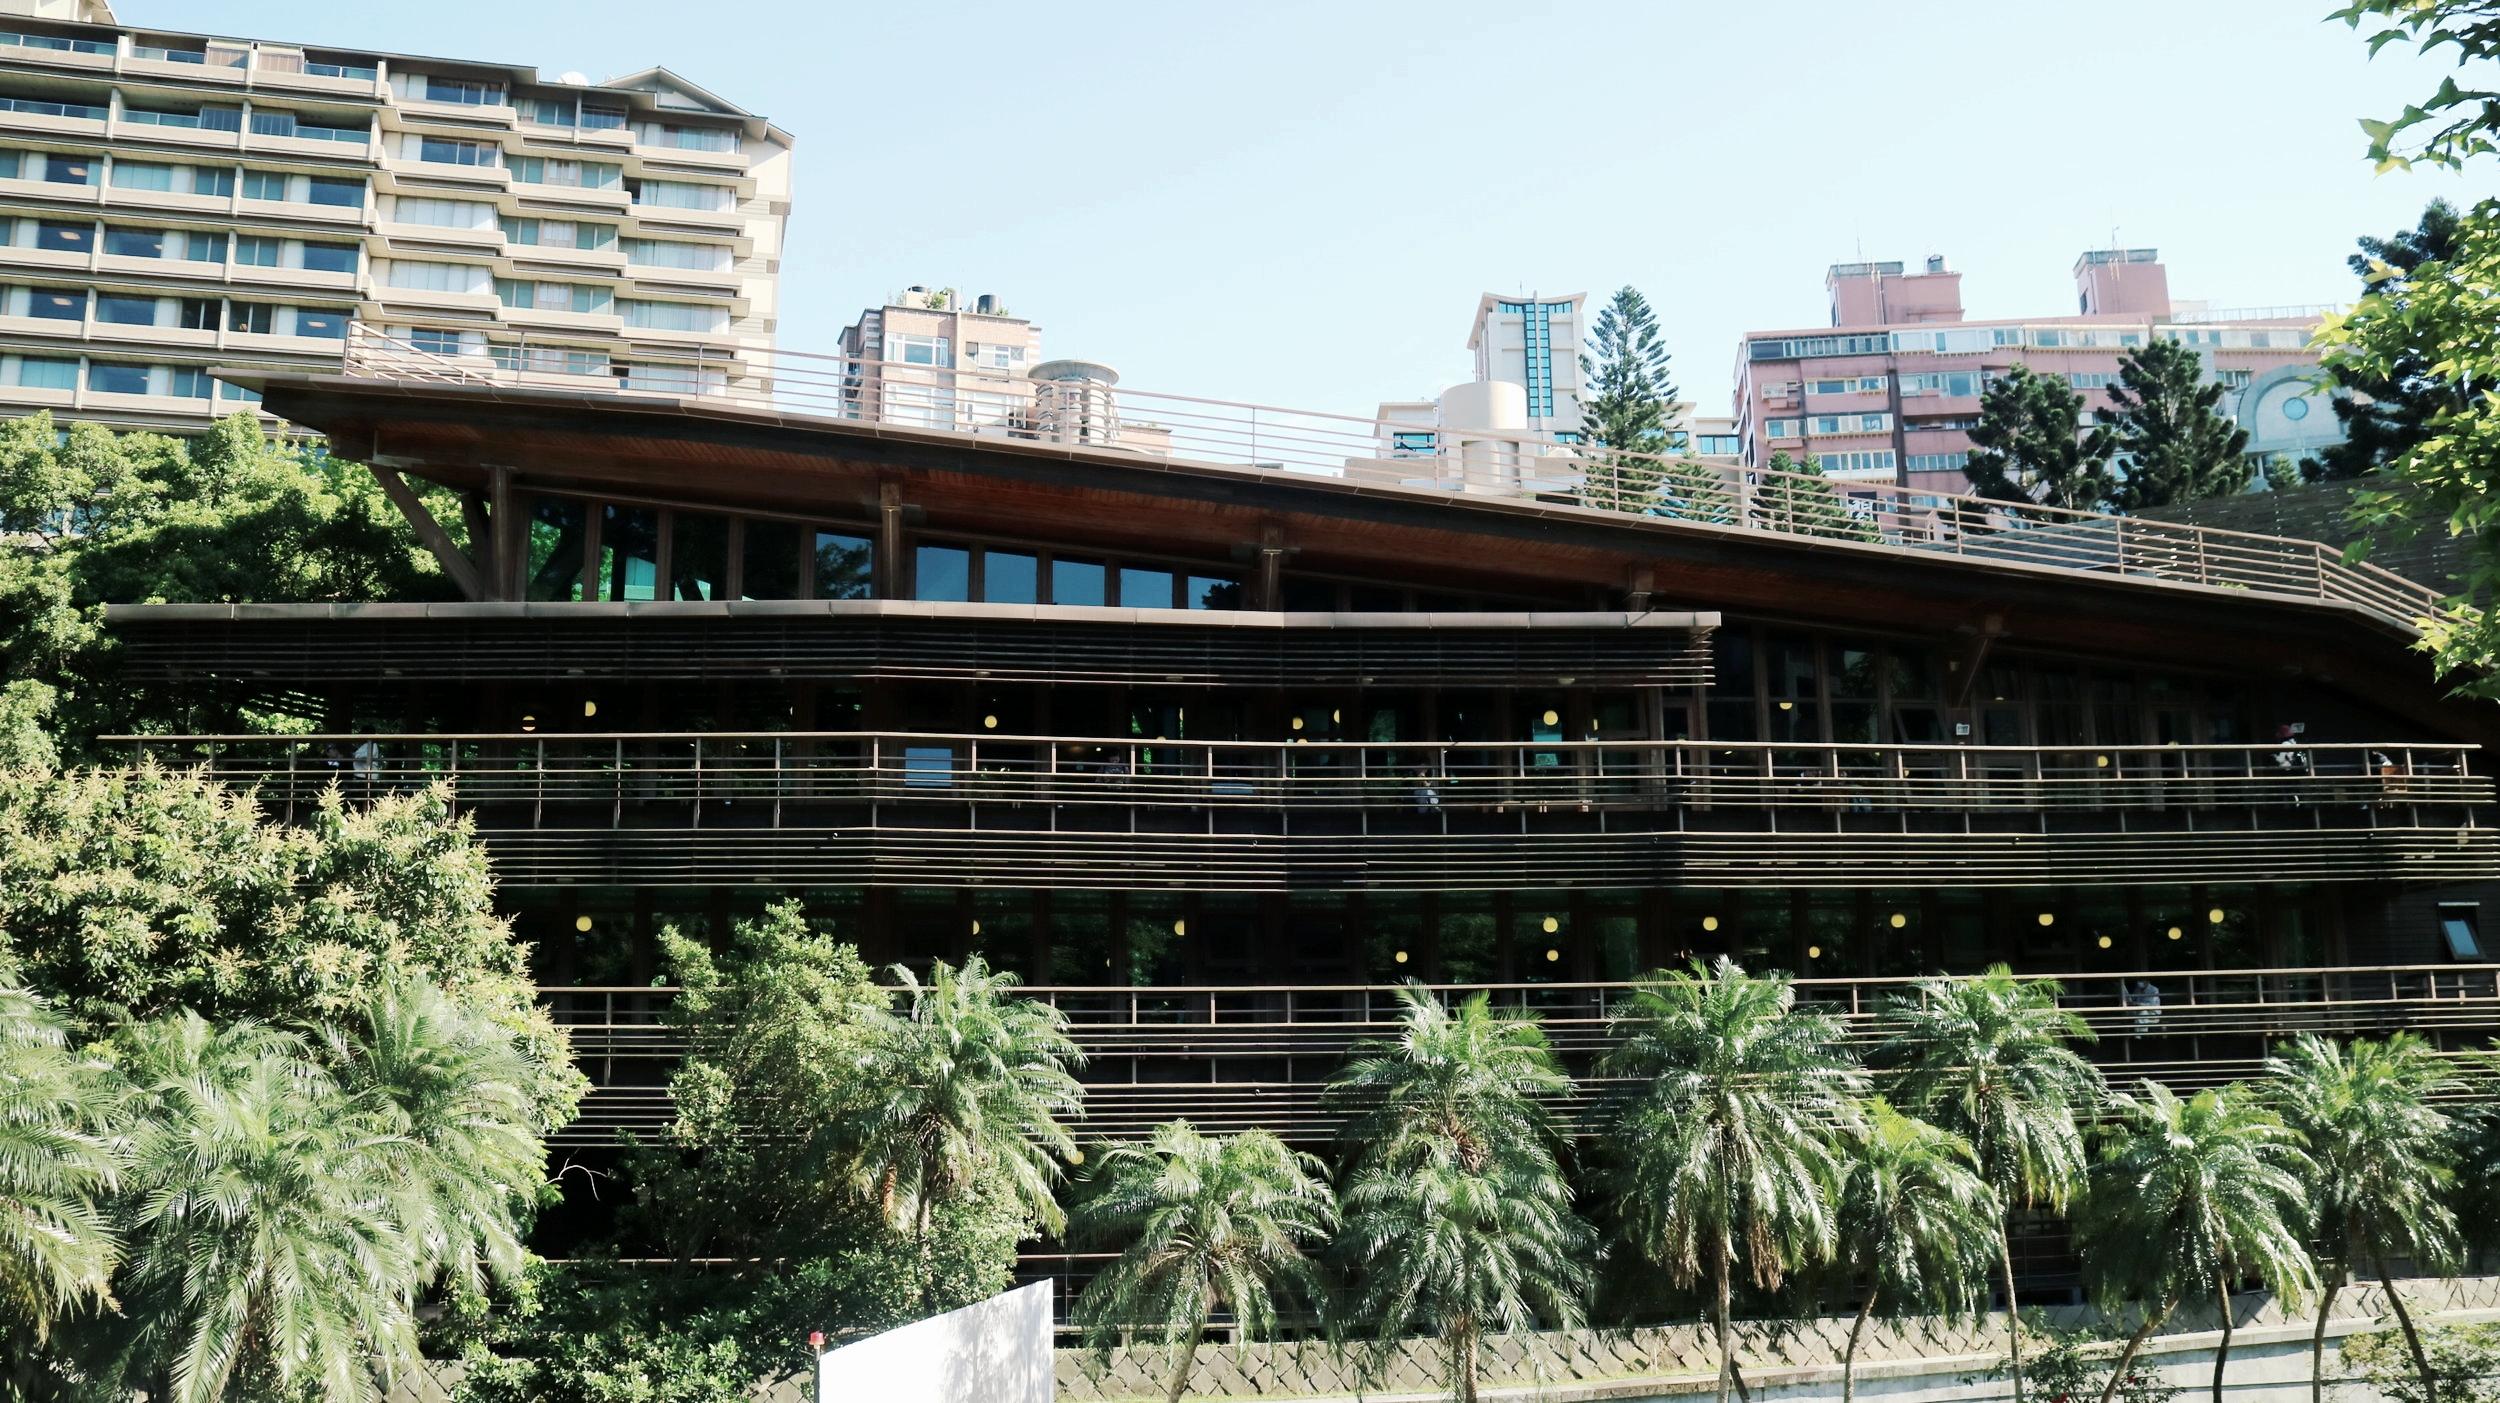 臺北市立圖書館 - TAIPEI PUBLIC LIBRARY BEITOU BRANCH